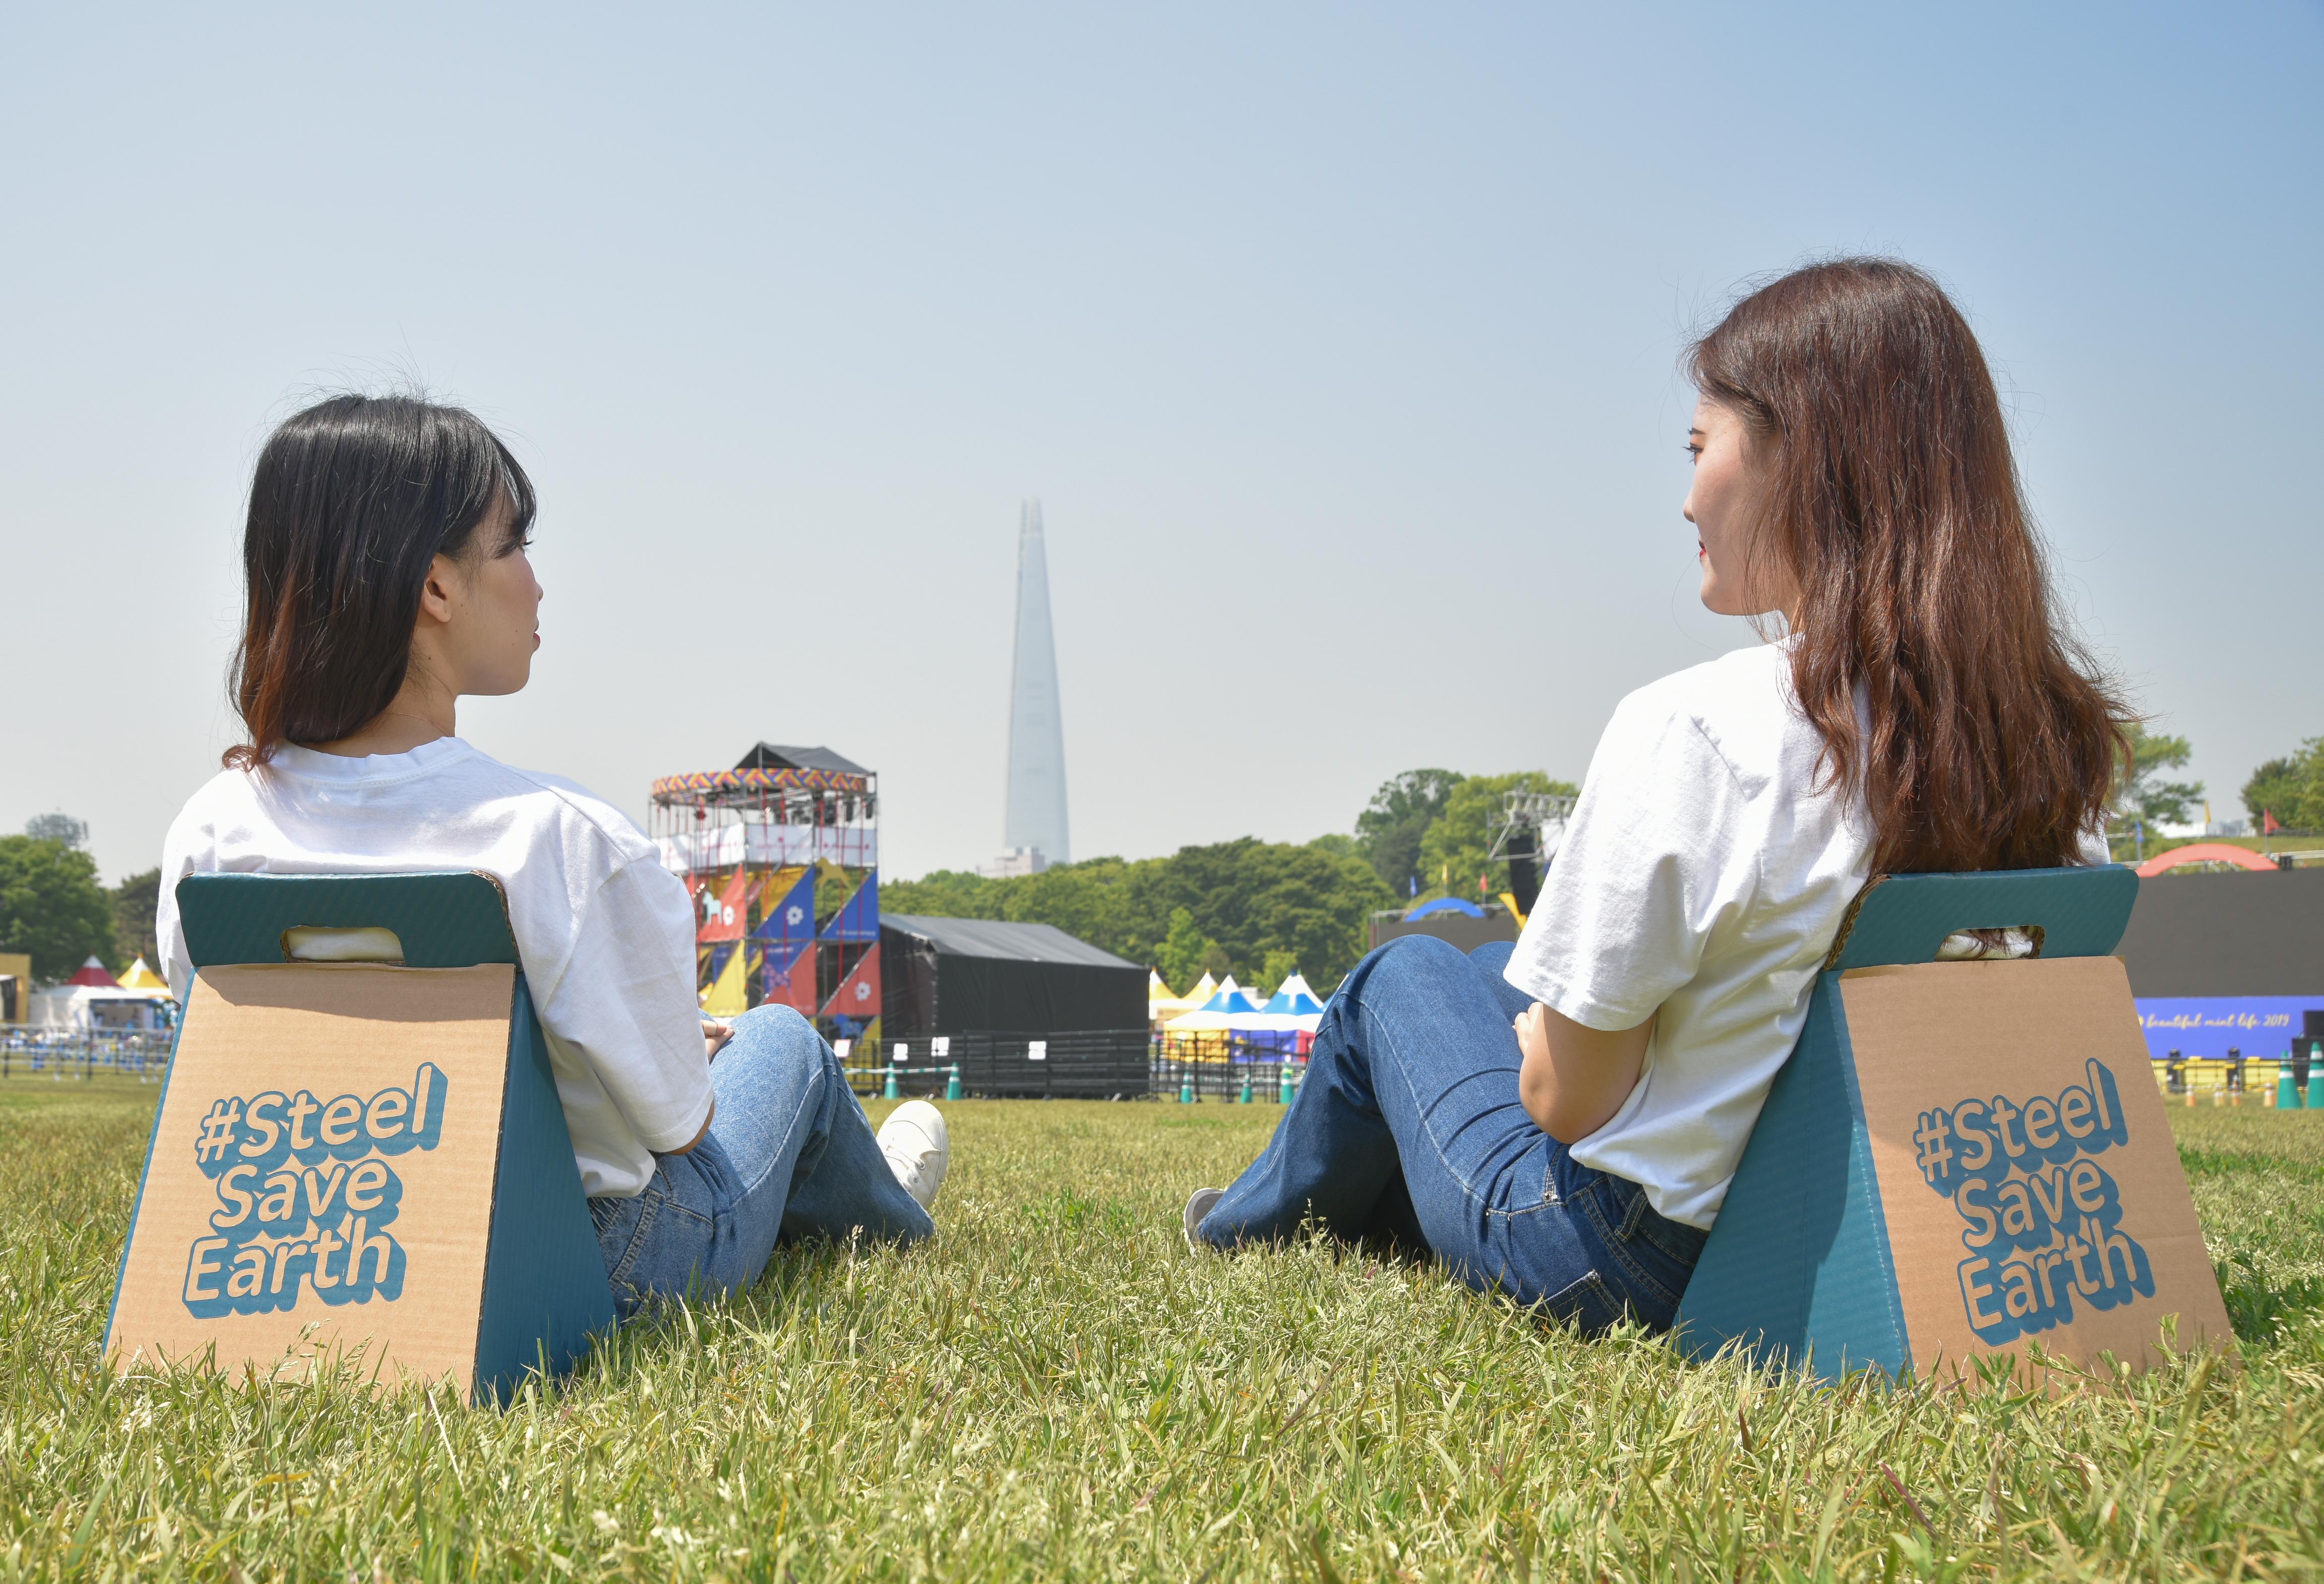 올림픽공원 '뷰티불 민트 라이프' 축제 부스들을 배경으로 #Steel Save Earth가 적힌 간이의자에 앉아 있는 사람들